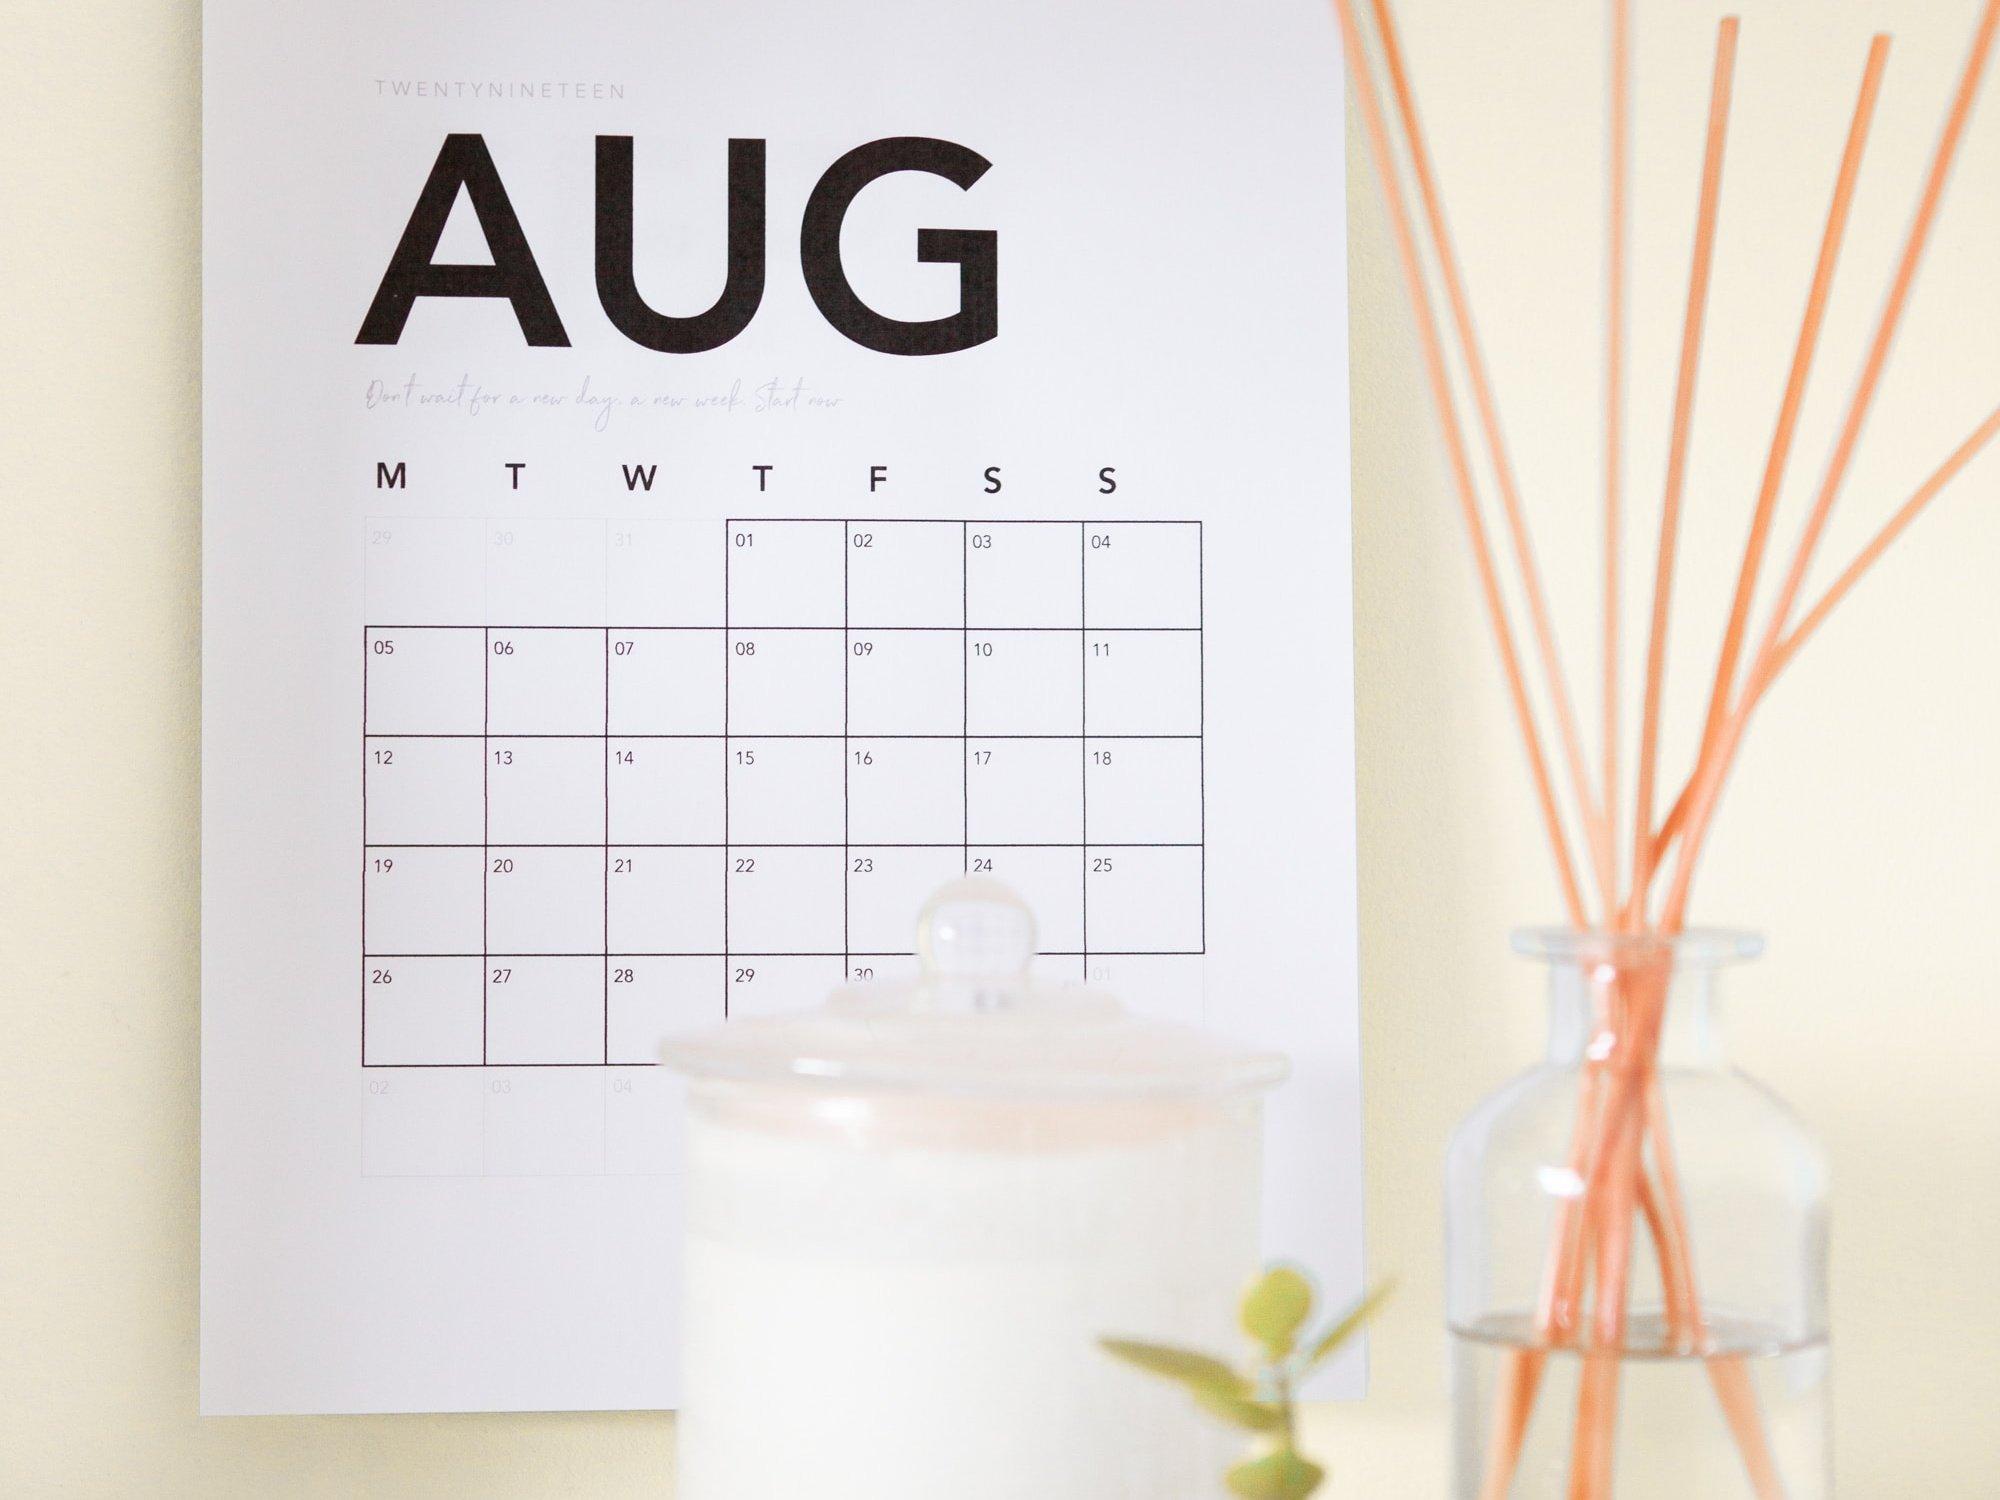 August Social Media Holidays